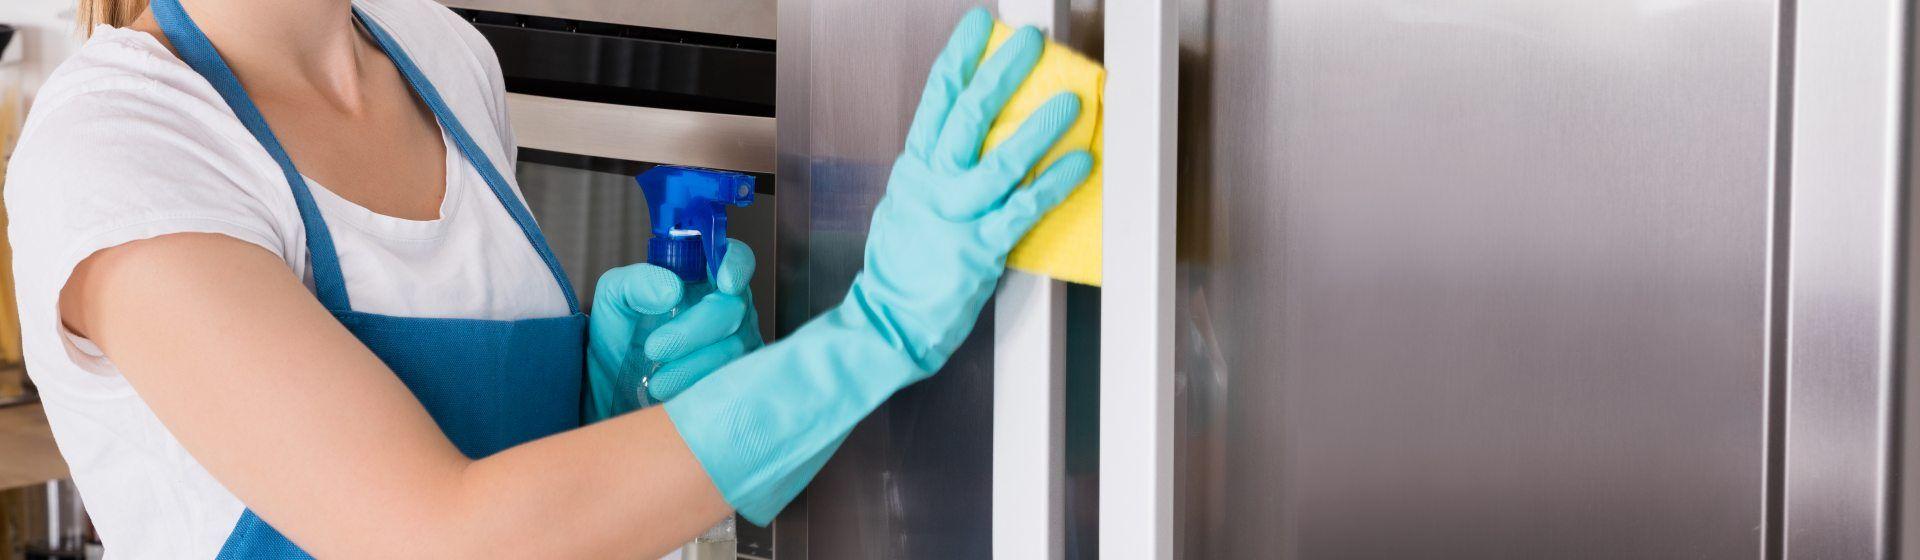 Como limpar geladeira de inox: confira o passo a passo